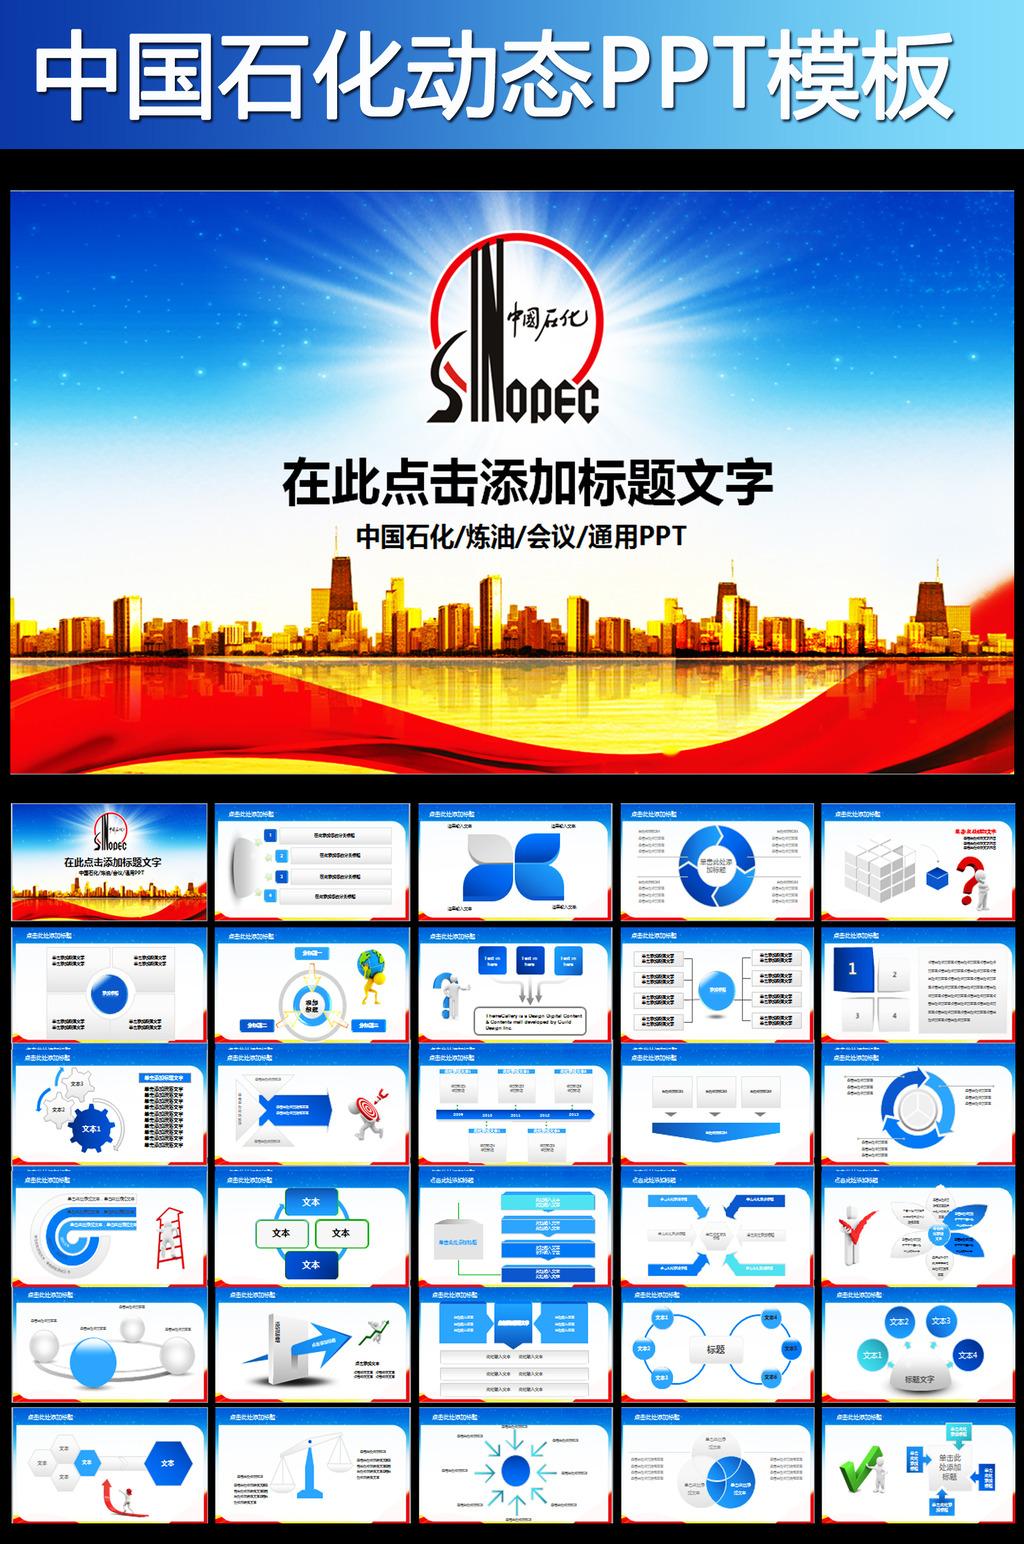 中石化石油化工炼油会议总结报告ppt模板